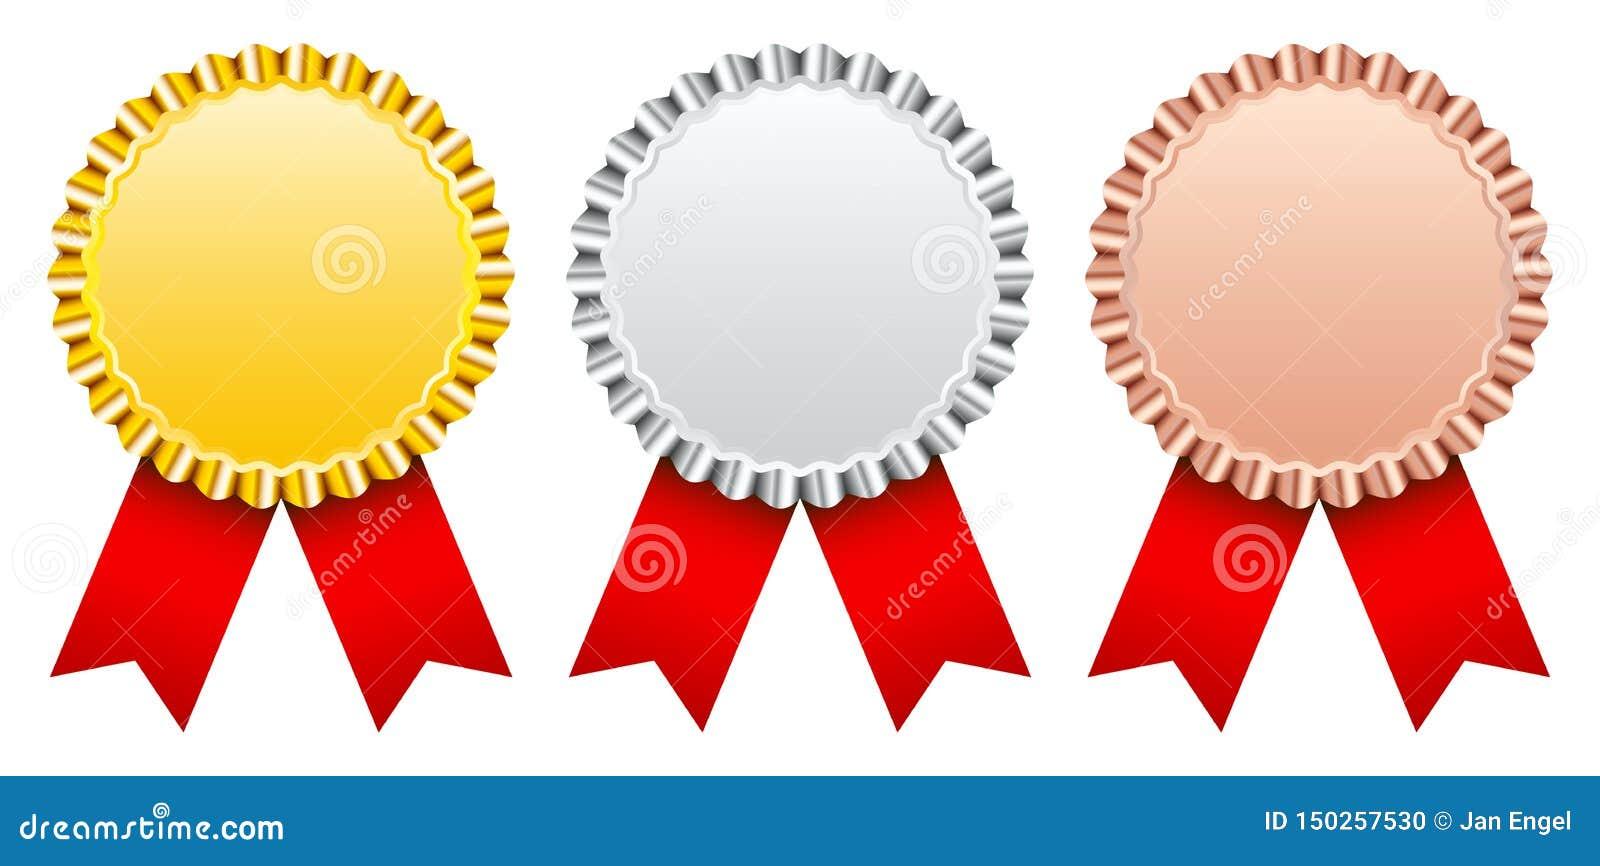 Reeks van het Gouden Zilveren Brons van Drie Toekenningskentekens met Rood Lint